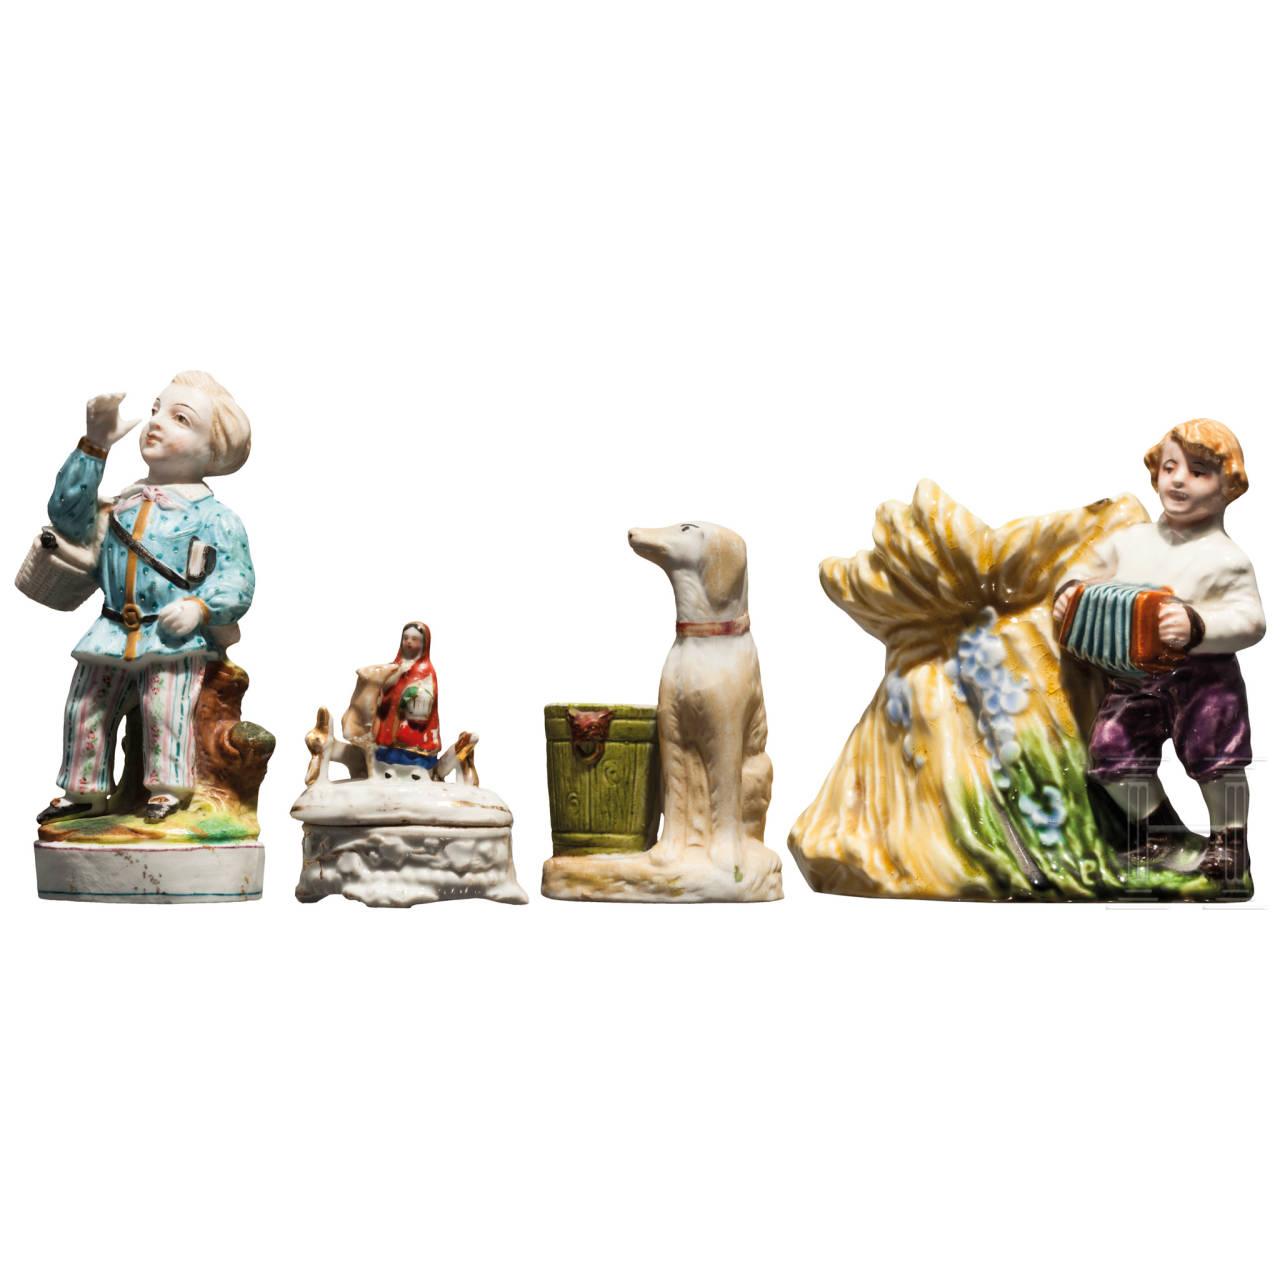 Drei handbemalte Porzellanfiguren und eine Fayence-Figur, wohl Russland, Privatmanufaktur, 2. Hälfte 19. Jhdt.